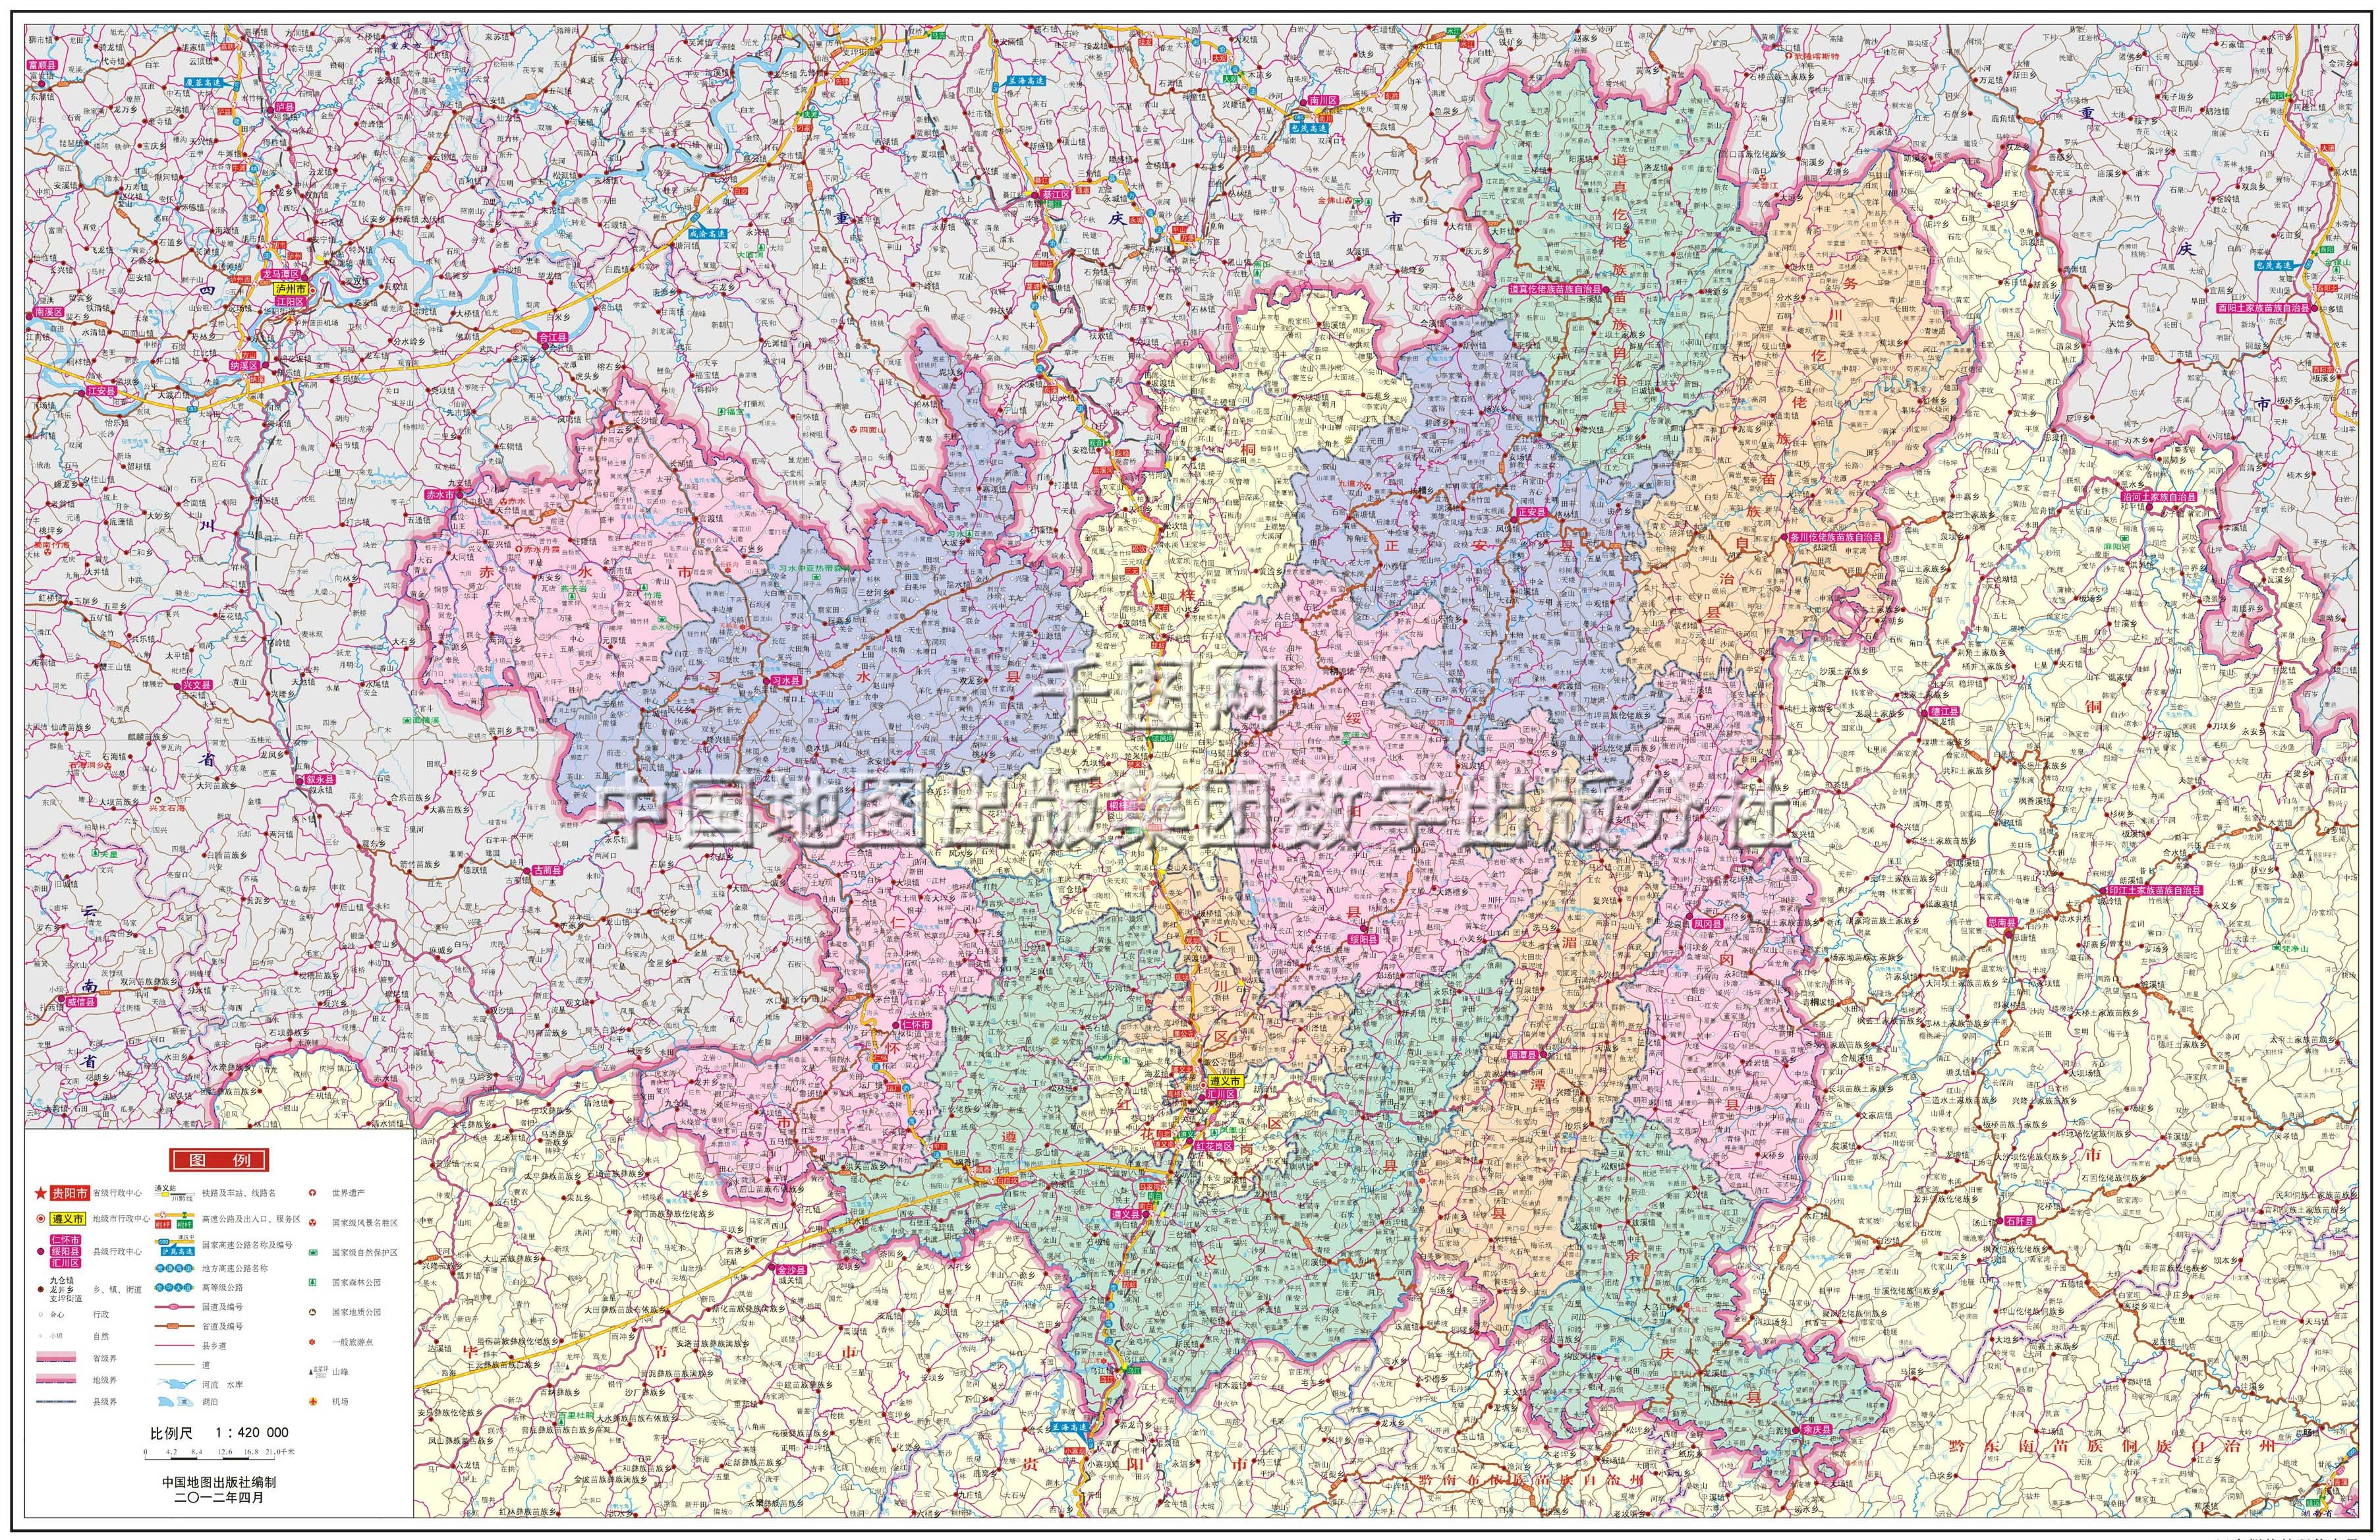 遵义市地图高清版_六盘水地图库